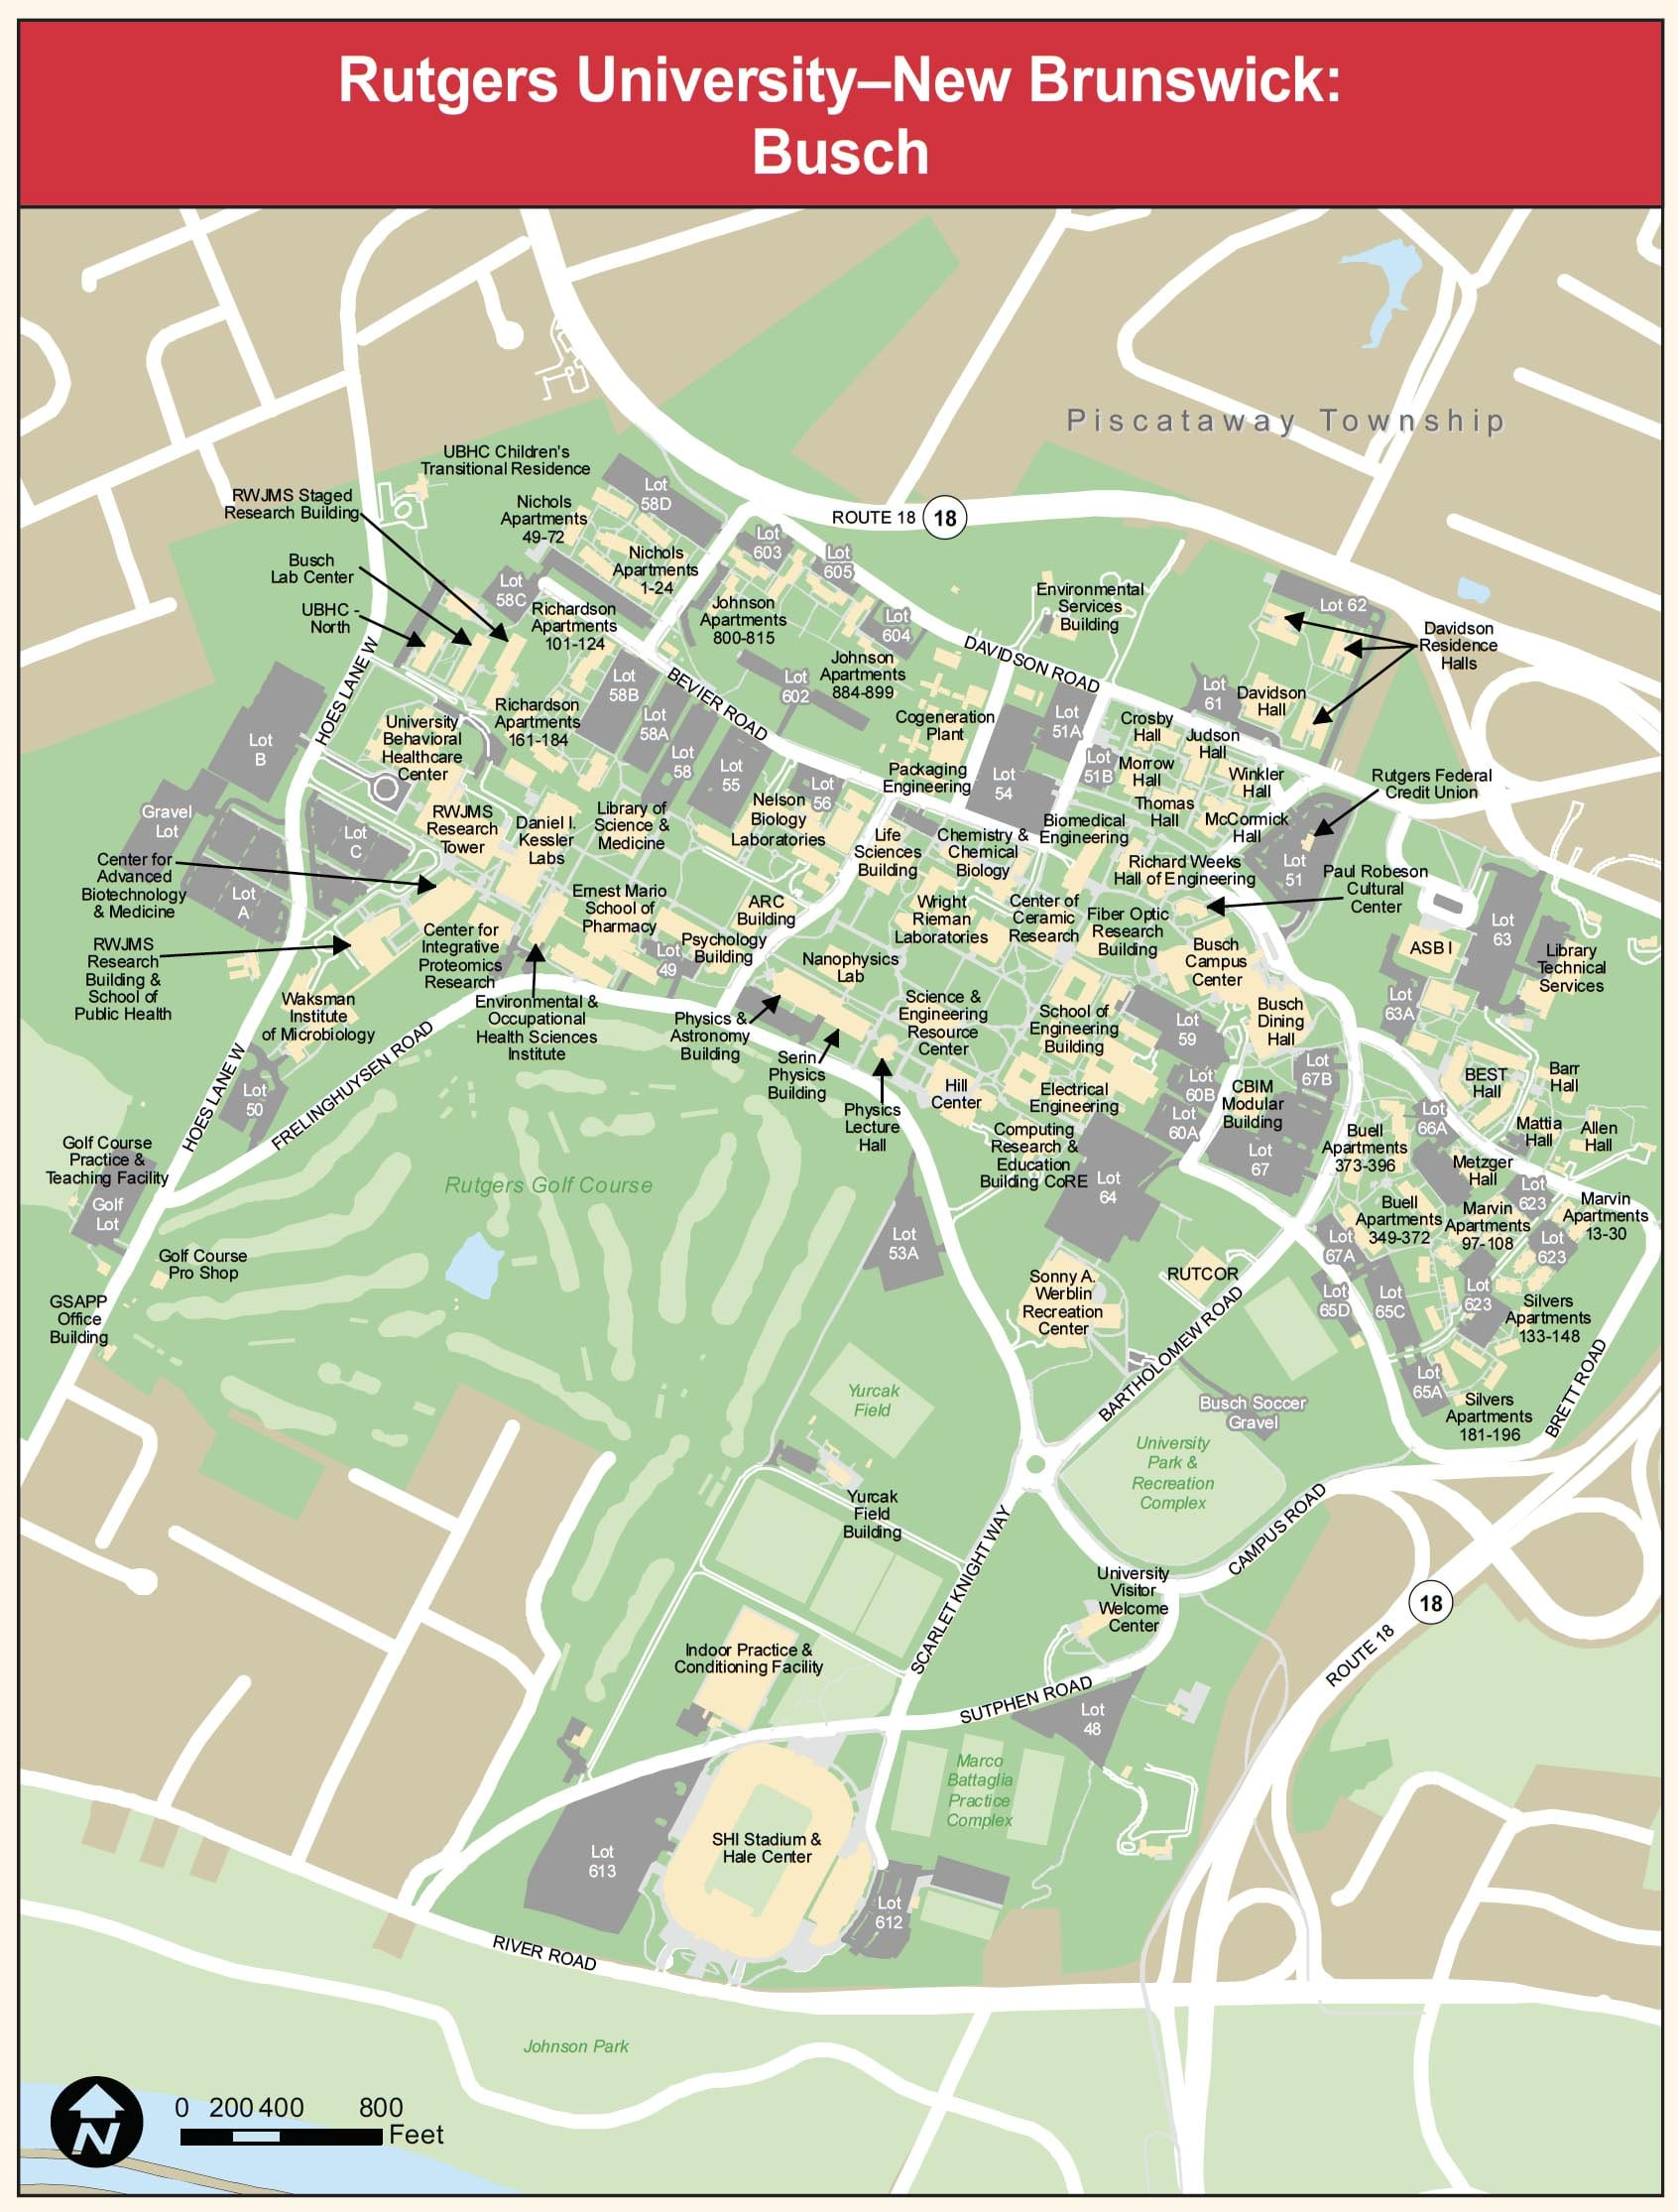 Busch Campus Map